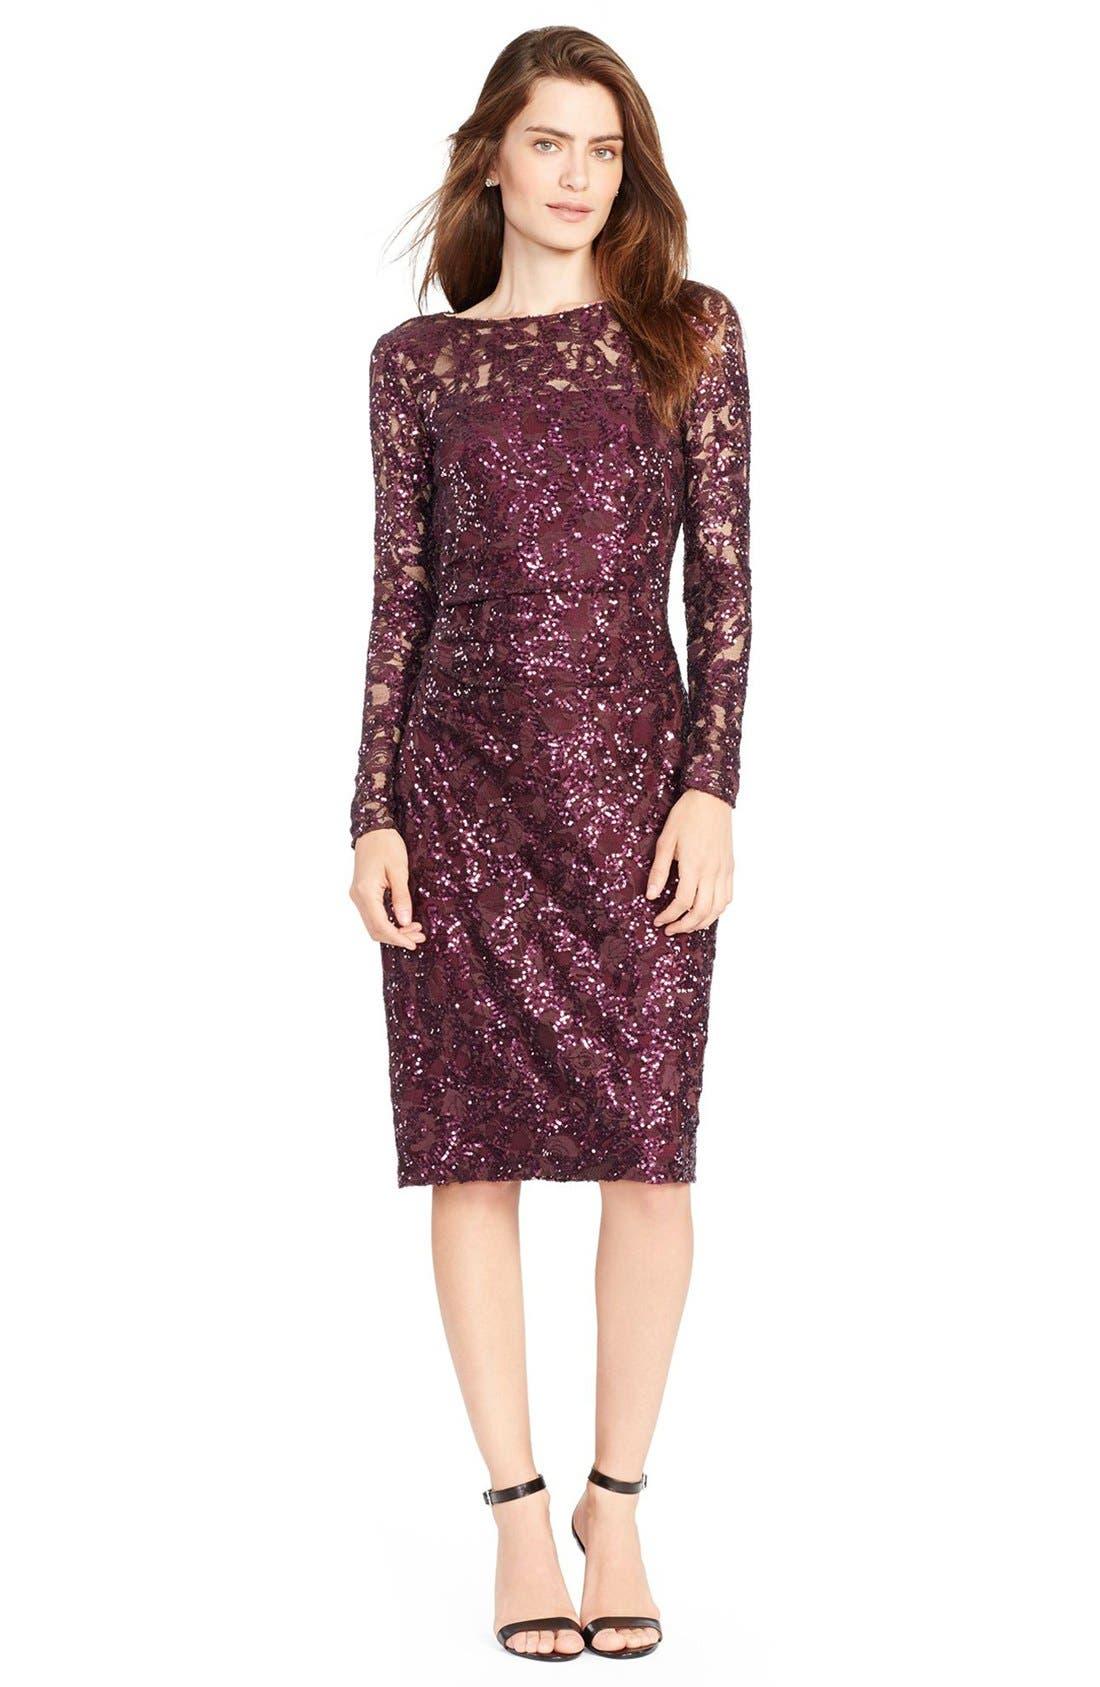 Sequin Lace Sheath Dress,                             Main thumbnail 1, color,                             600